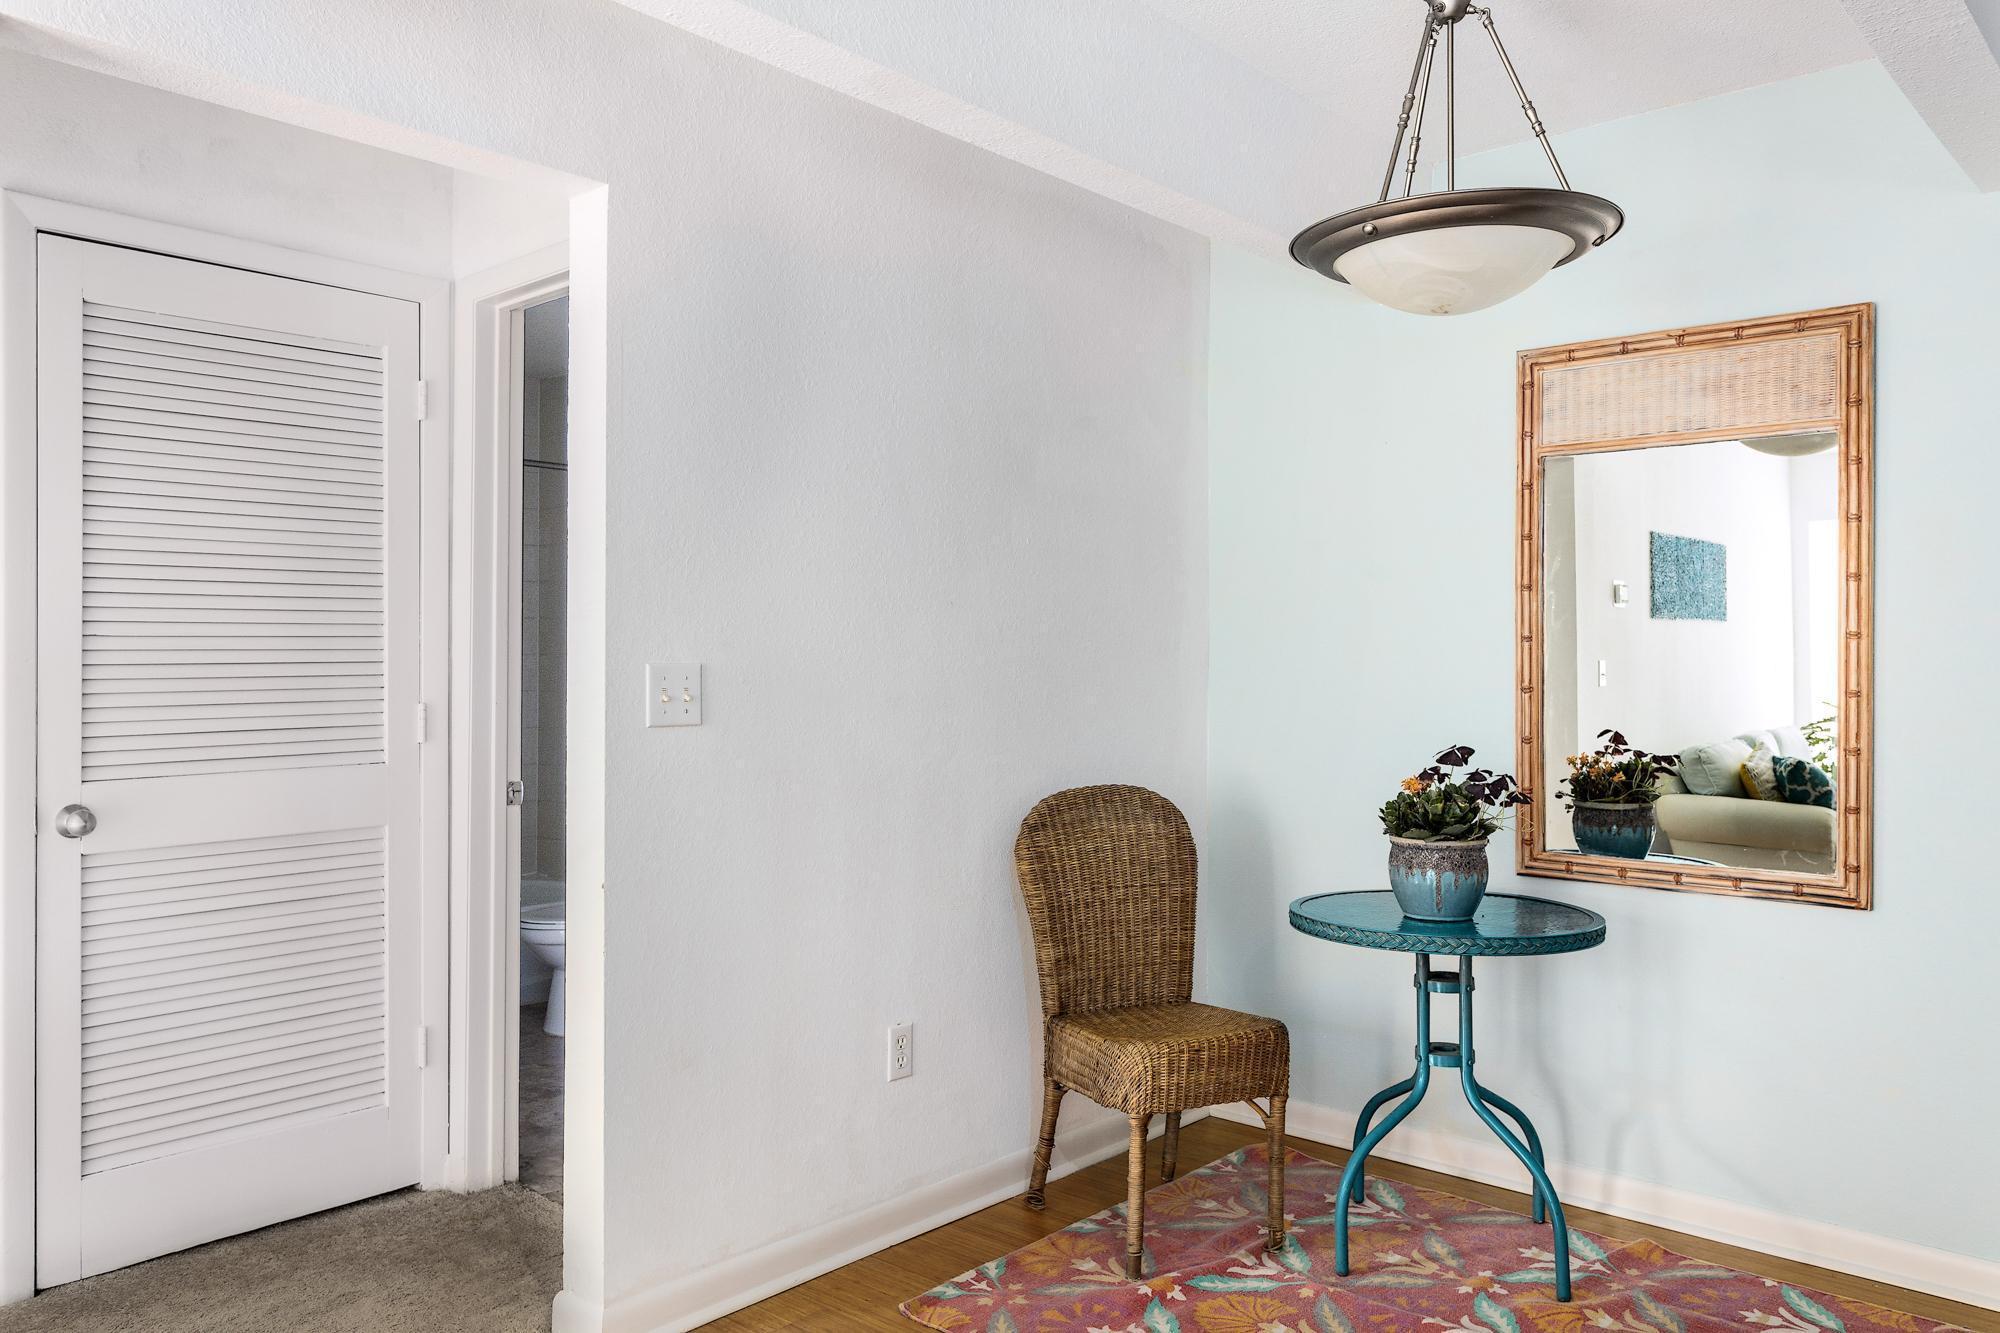 East Bridge Town Lofts Homes For Sale - 268 Alexandra, Mount Pleasant, SC - 7